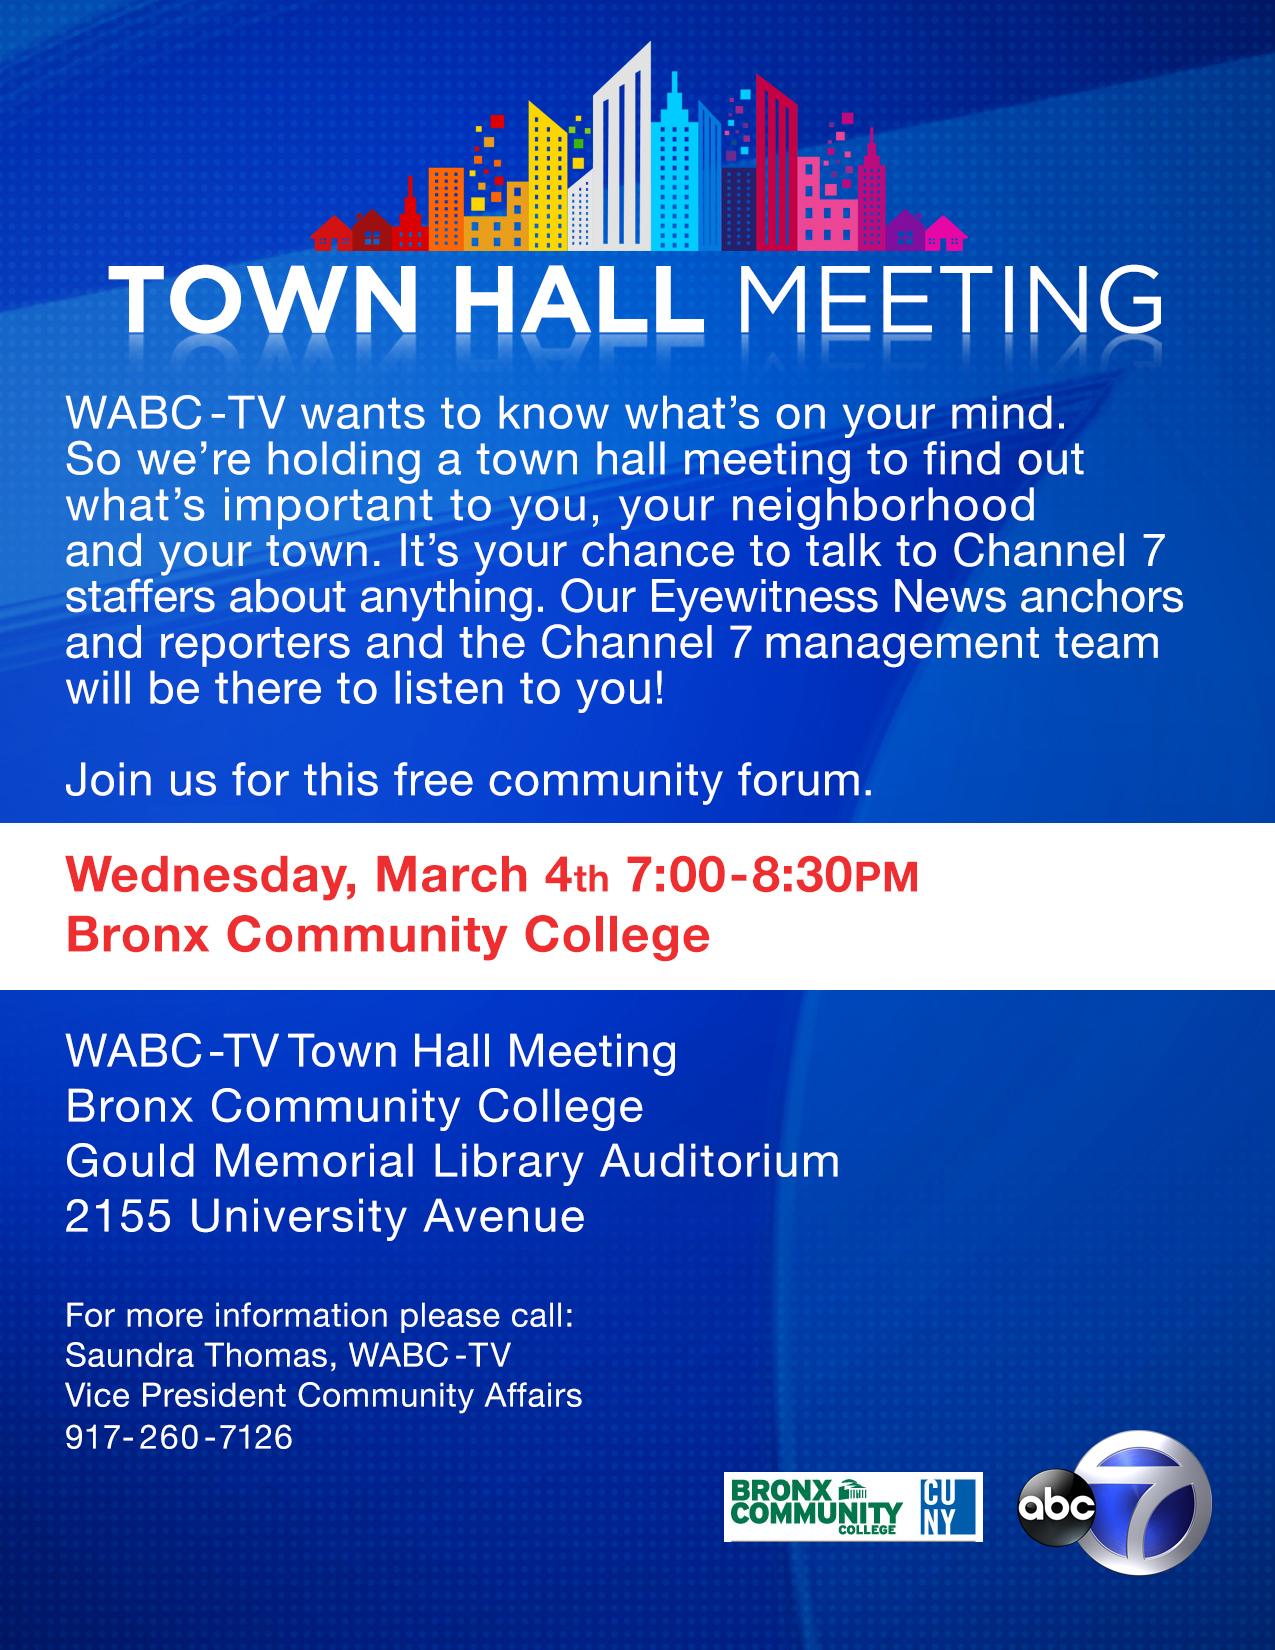 WABCTV Eyewitness News Listens to the Bronx CUNY Newswire